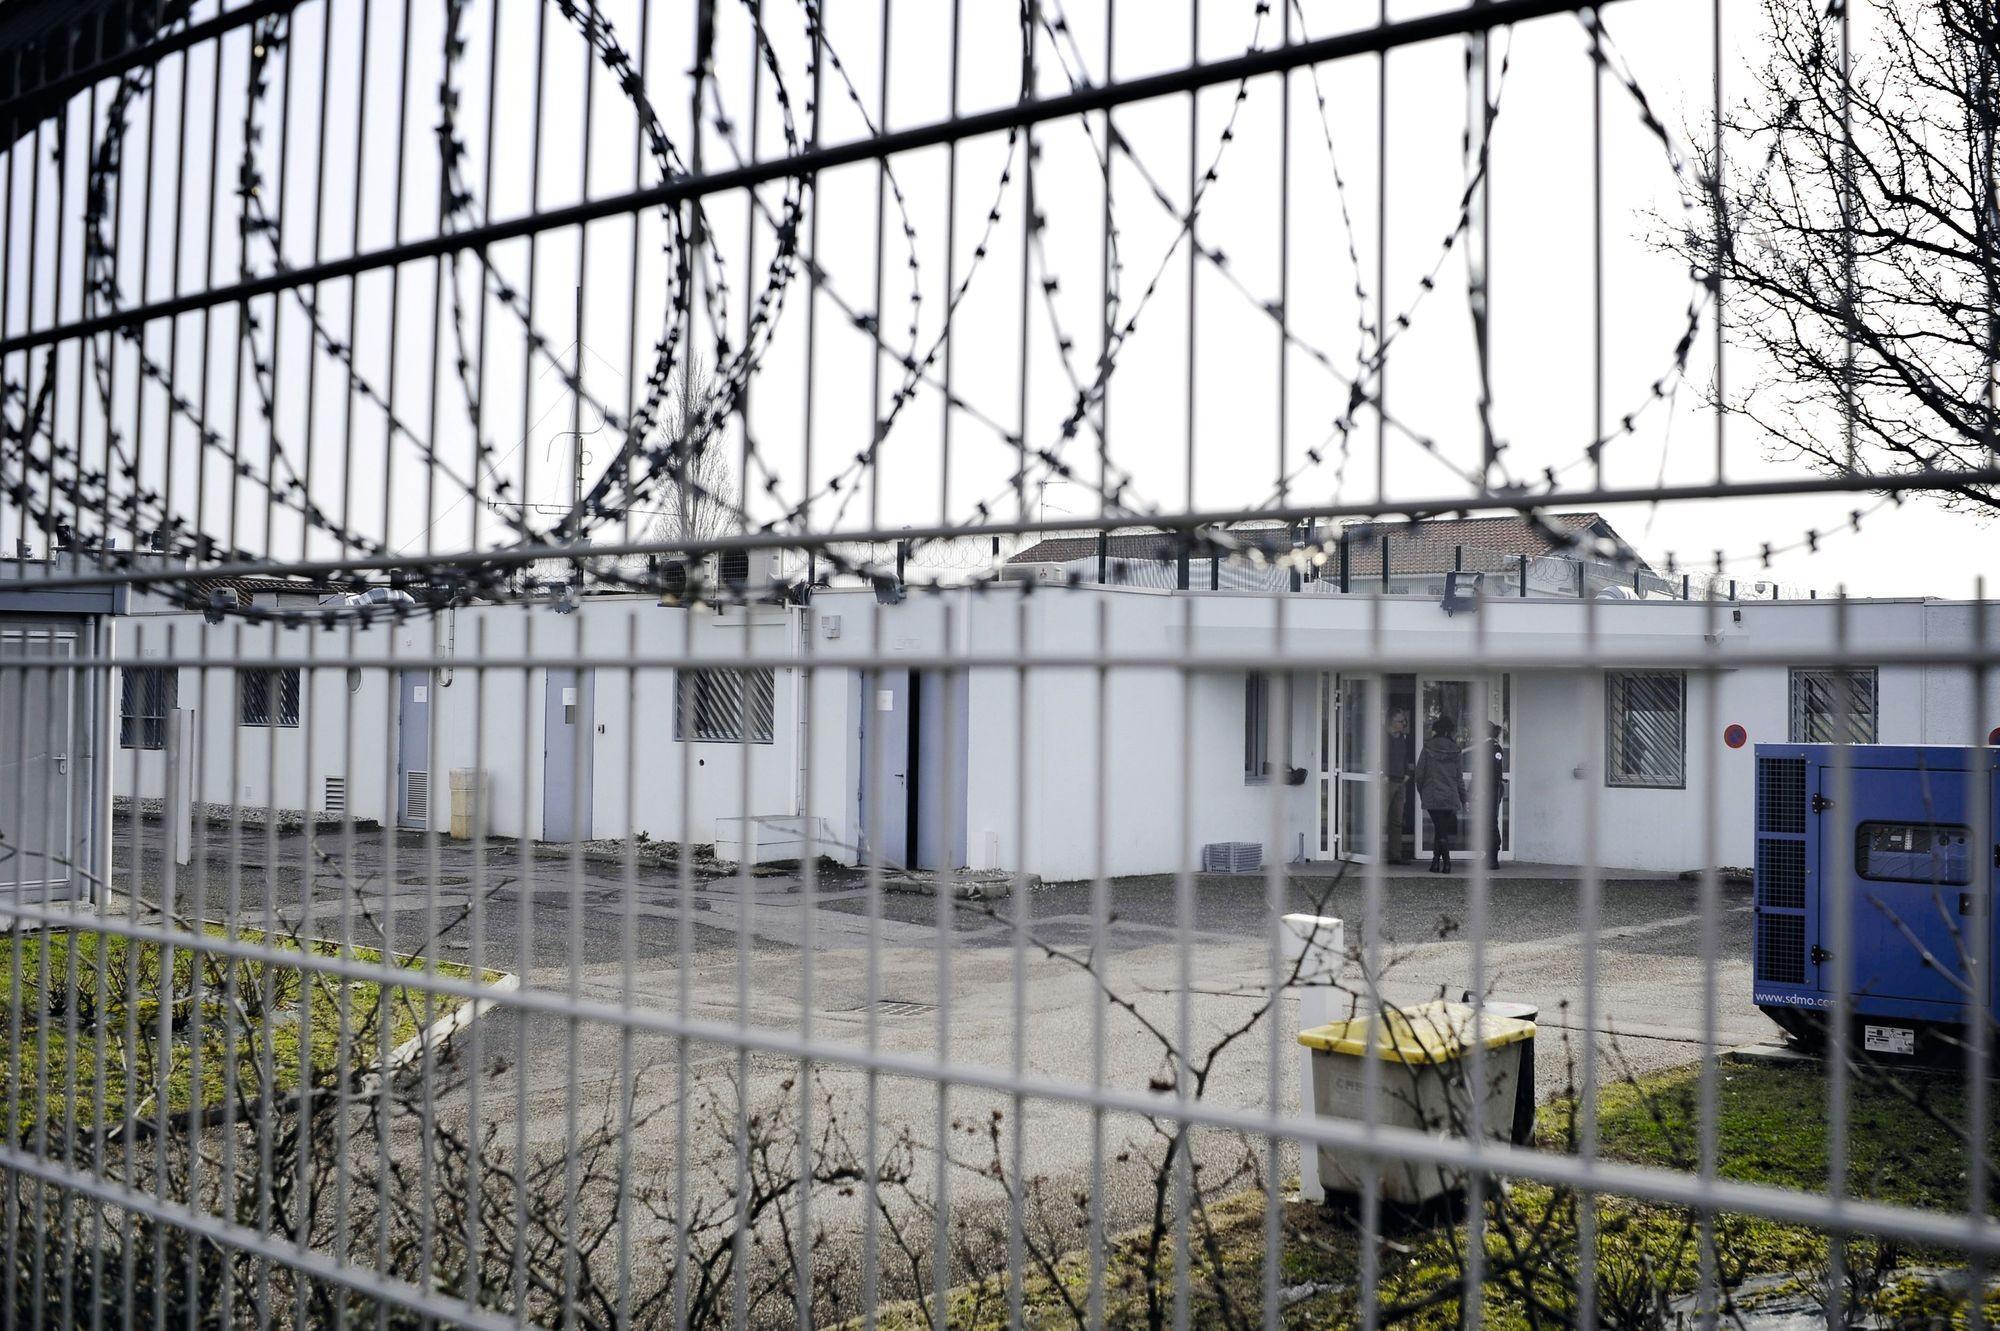 le Centre de Rétention Administrative situé près de l'aéroport de Lyon-Saint-Exupéry.